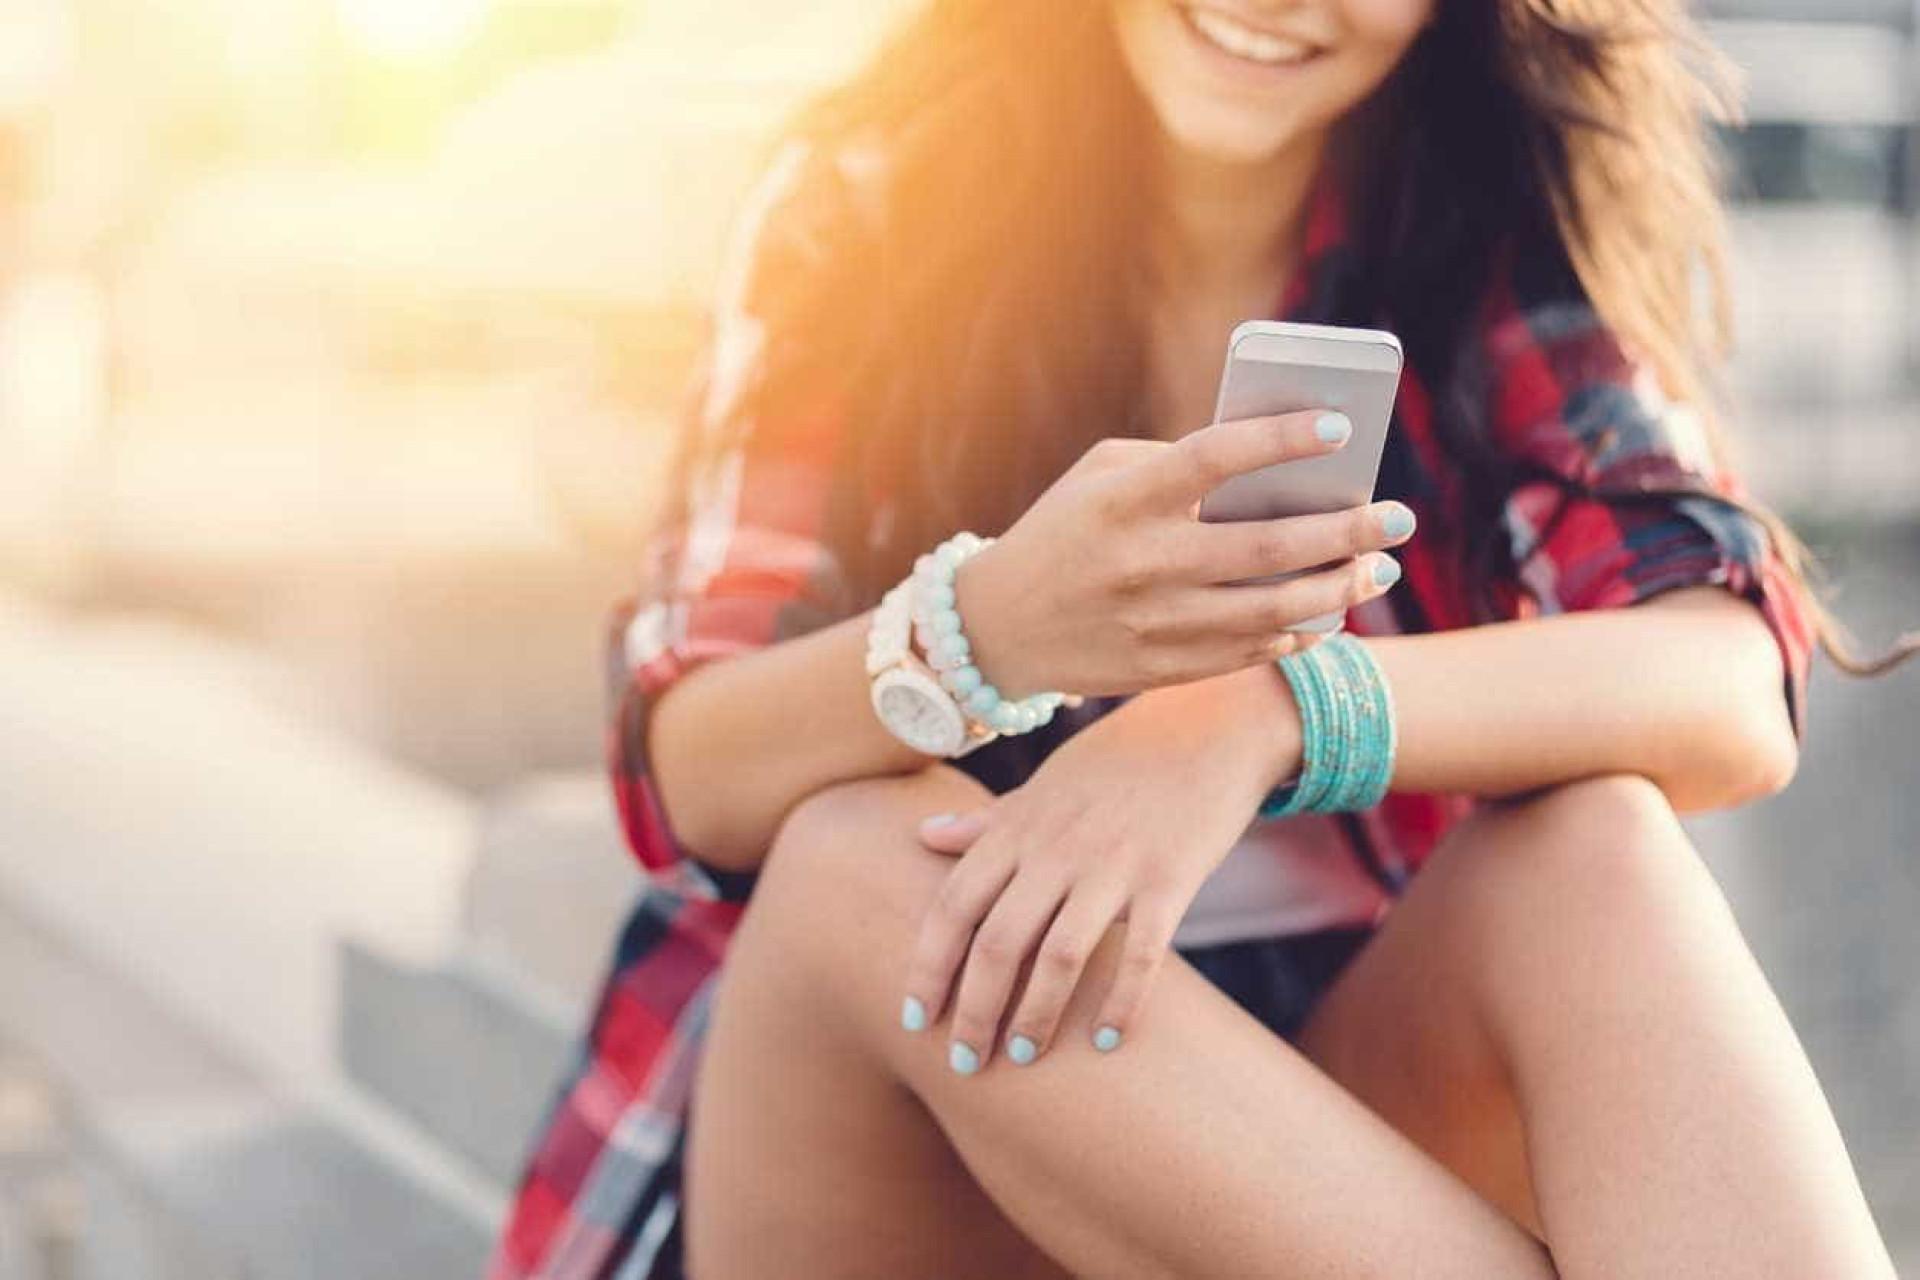 Há apps de mensagens a mais? A Amazon acha que não